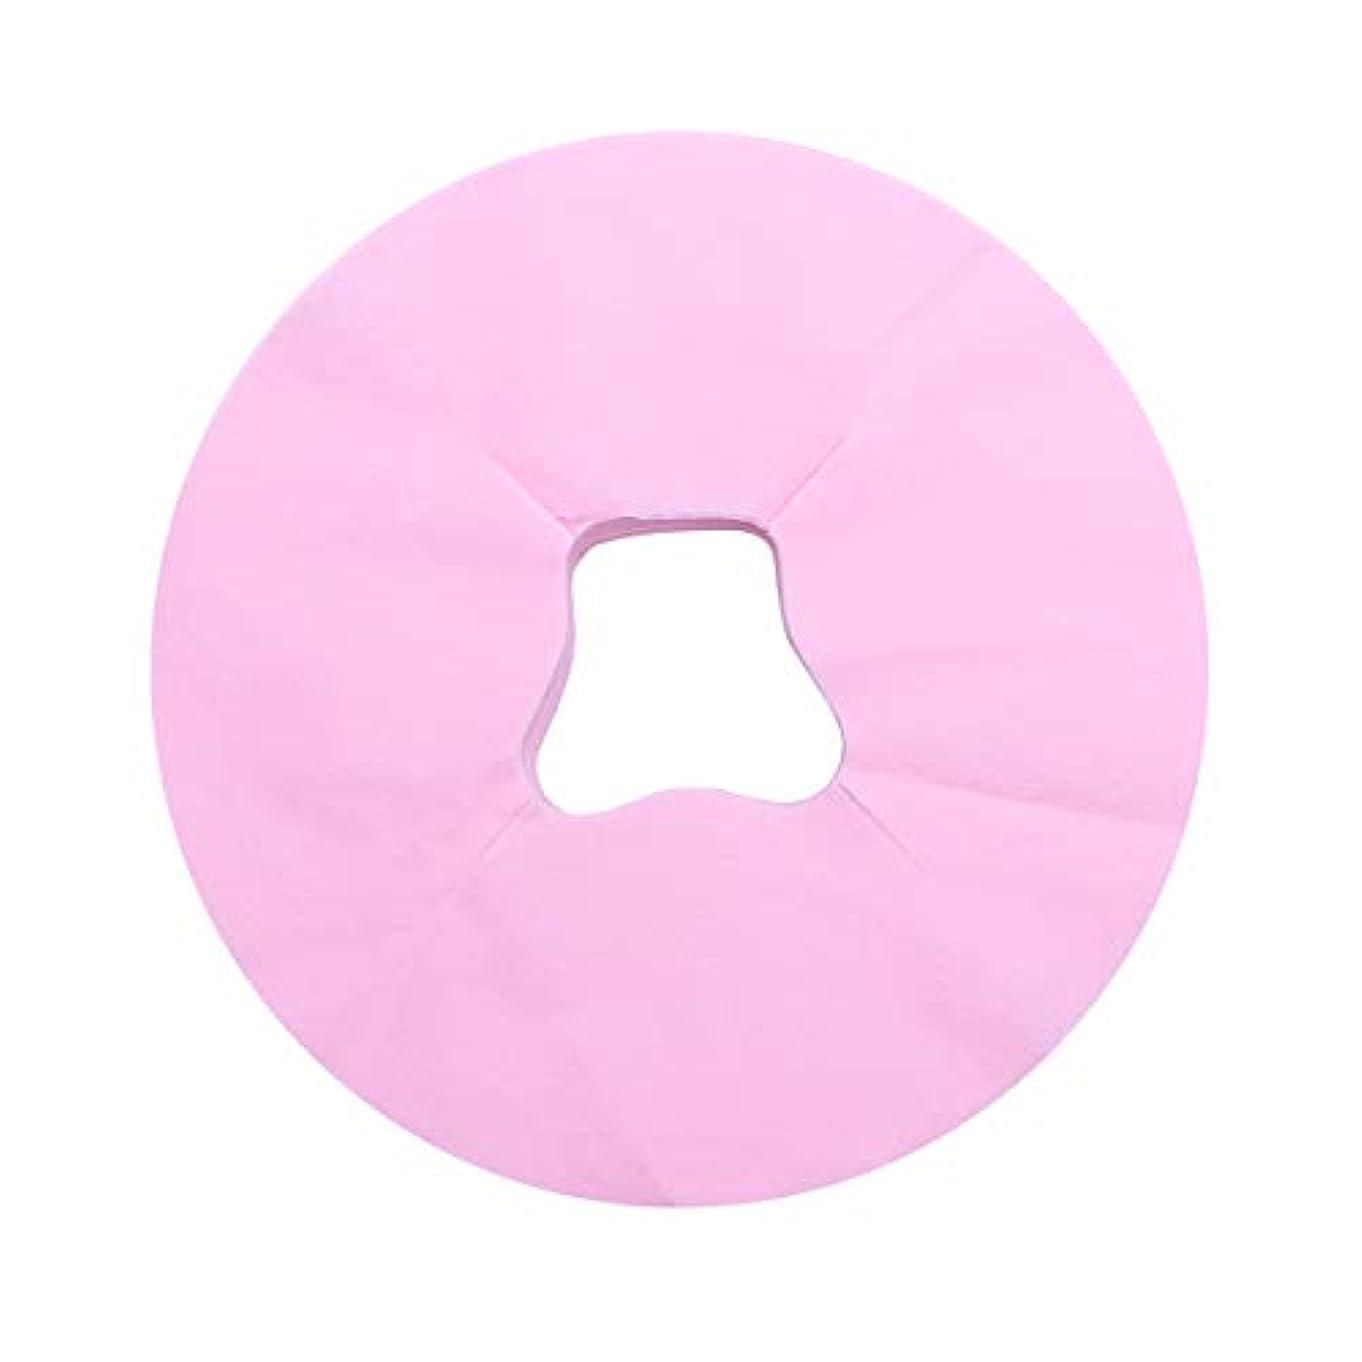 化粧誓約グループHealifty 100シートマッサージフェイスピローカバー使い捨てフェイスカバーパッドフェイスホールピローフェイシャルベッドサロンスパヘッドレストピローシート(ピンク)